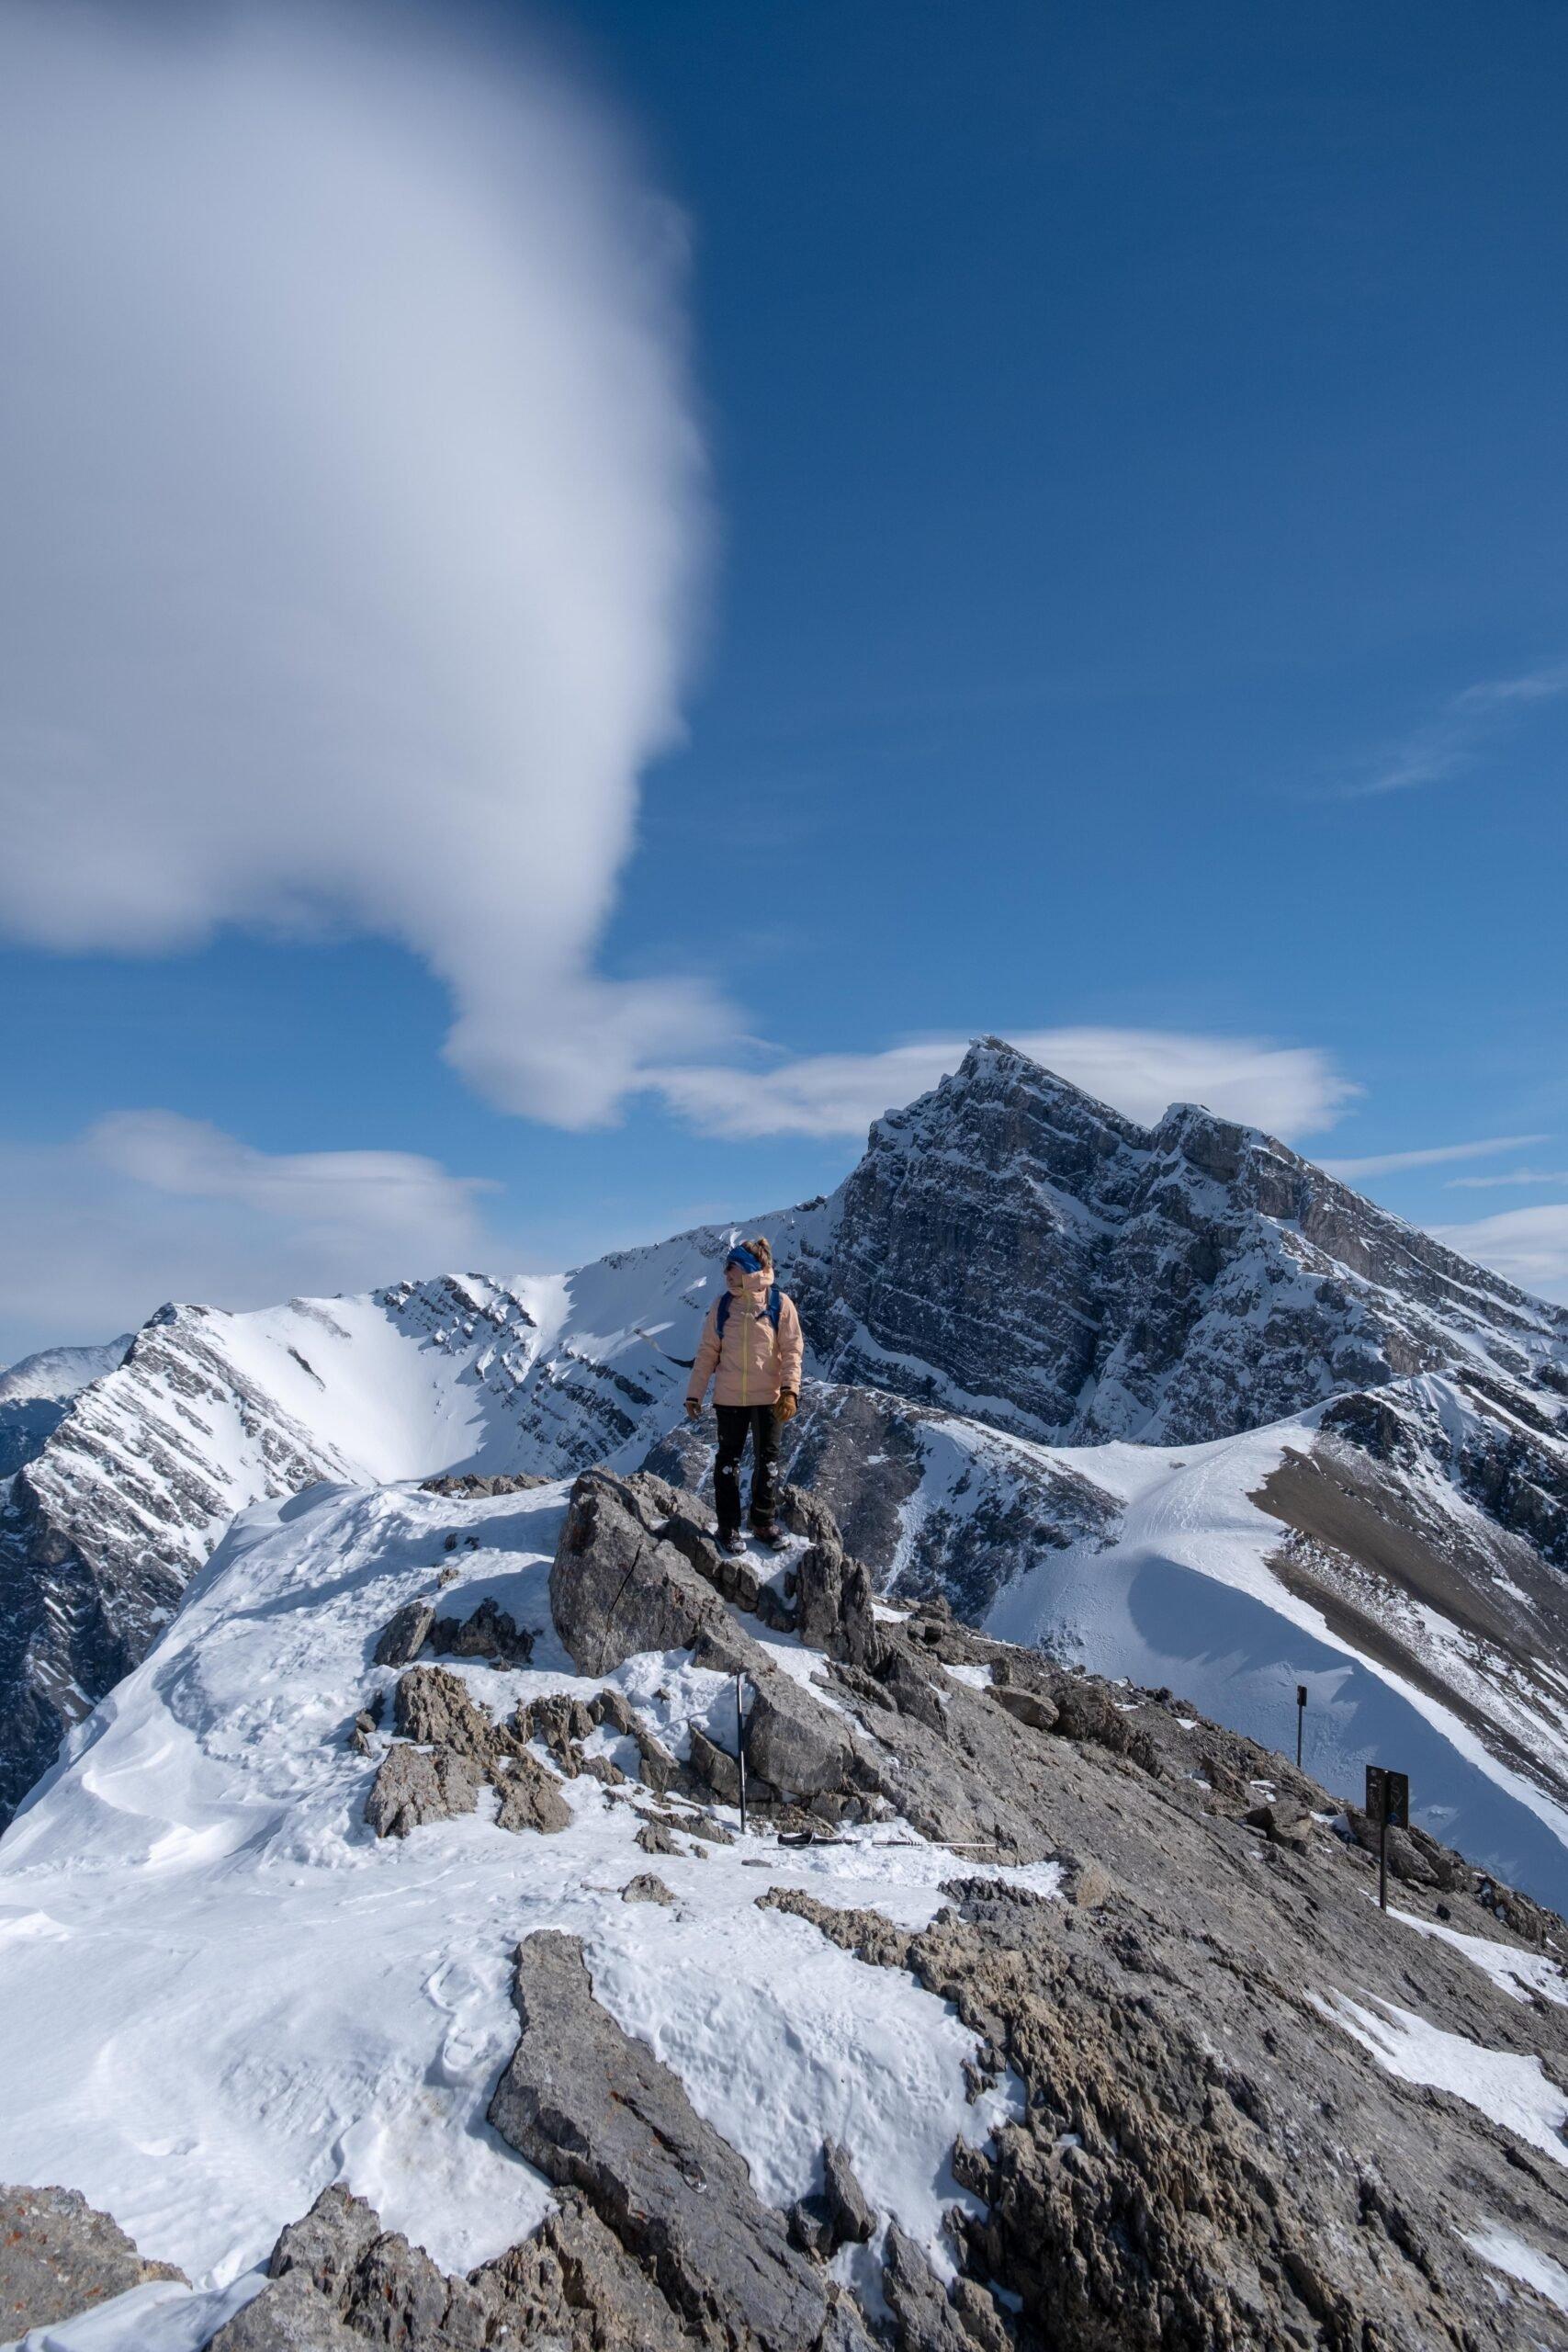 Natasha on the summit of Ha Ling Peak with multiple layers